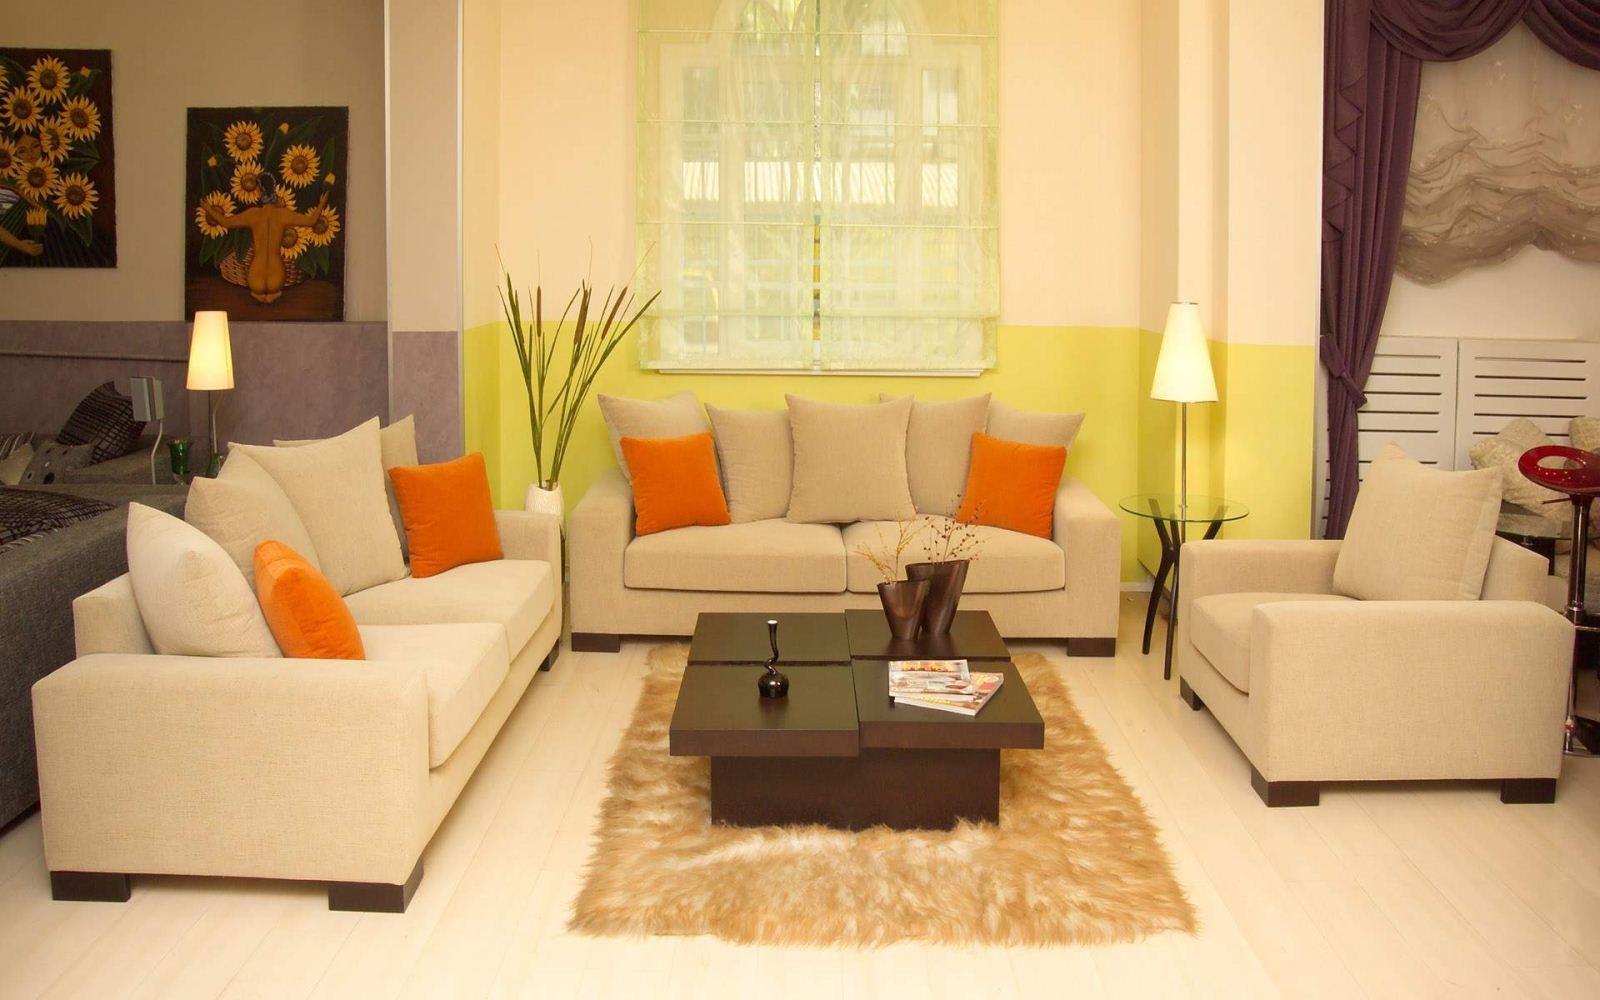 家居照明必不可少 智能家居照明如何设计?